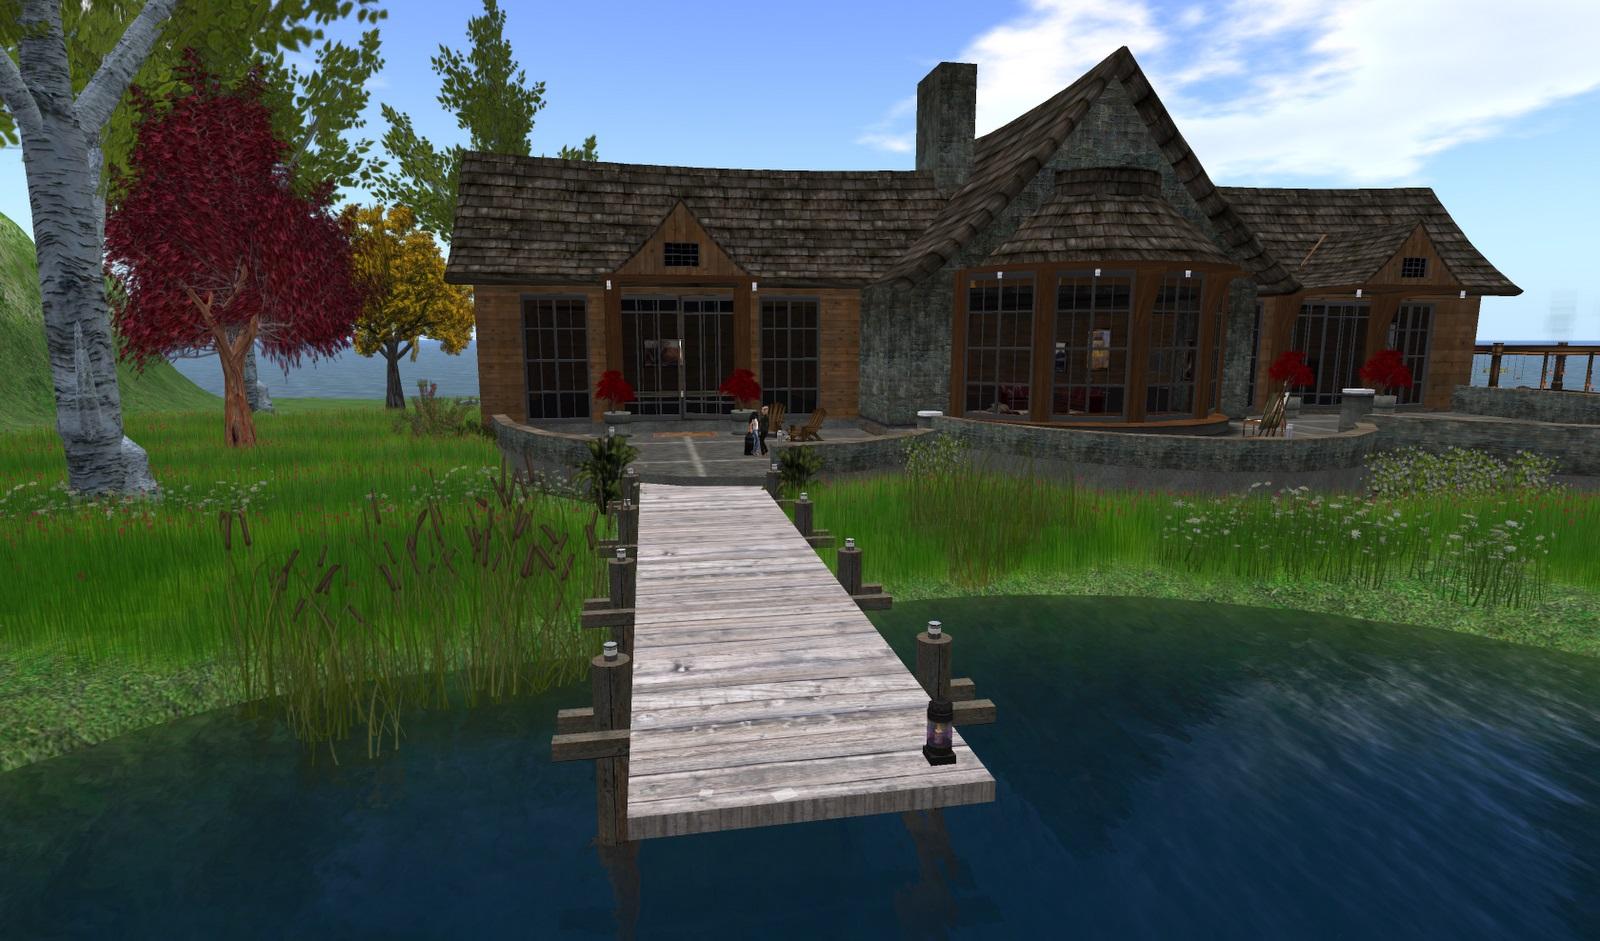 Ver fotos de casas bonitas escoja y vote por sus fotos de - Diseno casas rusticas ...